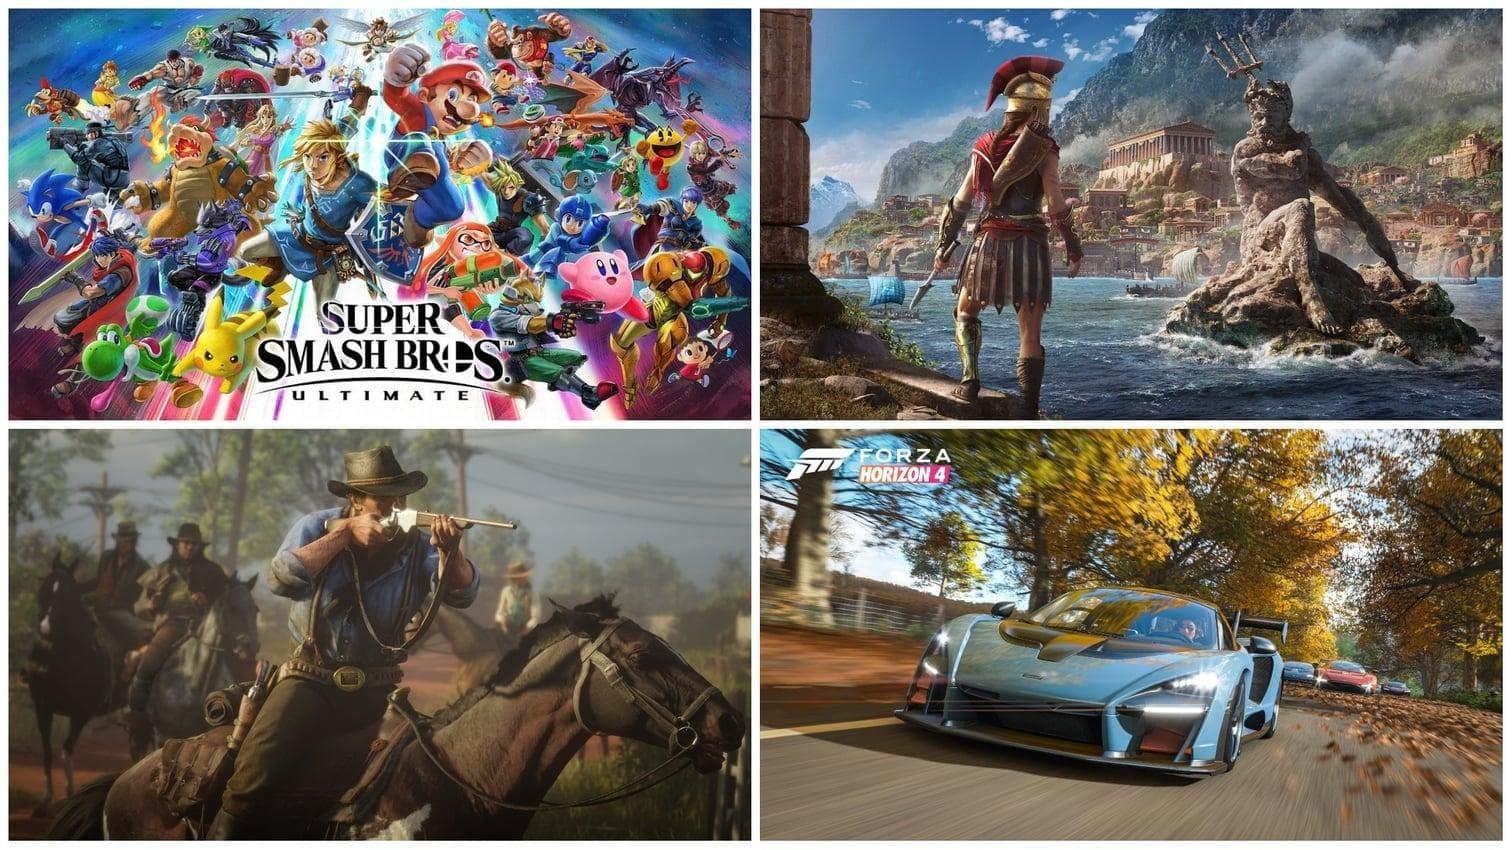 <p>Nach der E3 sind viele Erscheinungstermine mittlerweile offiziell bestätigt. Da wird es doch mal Zeit zu schauen